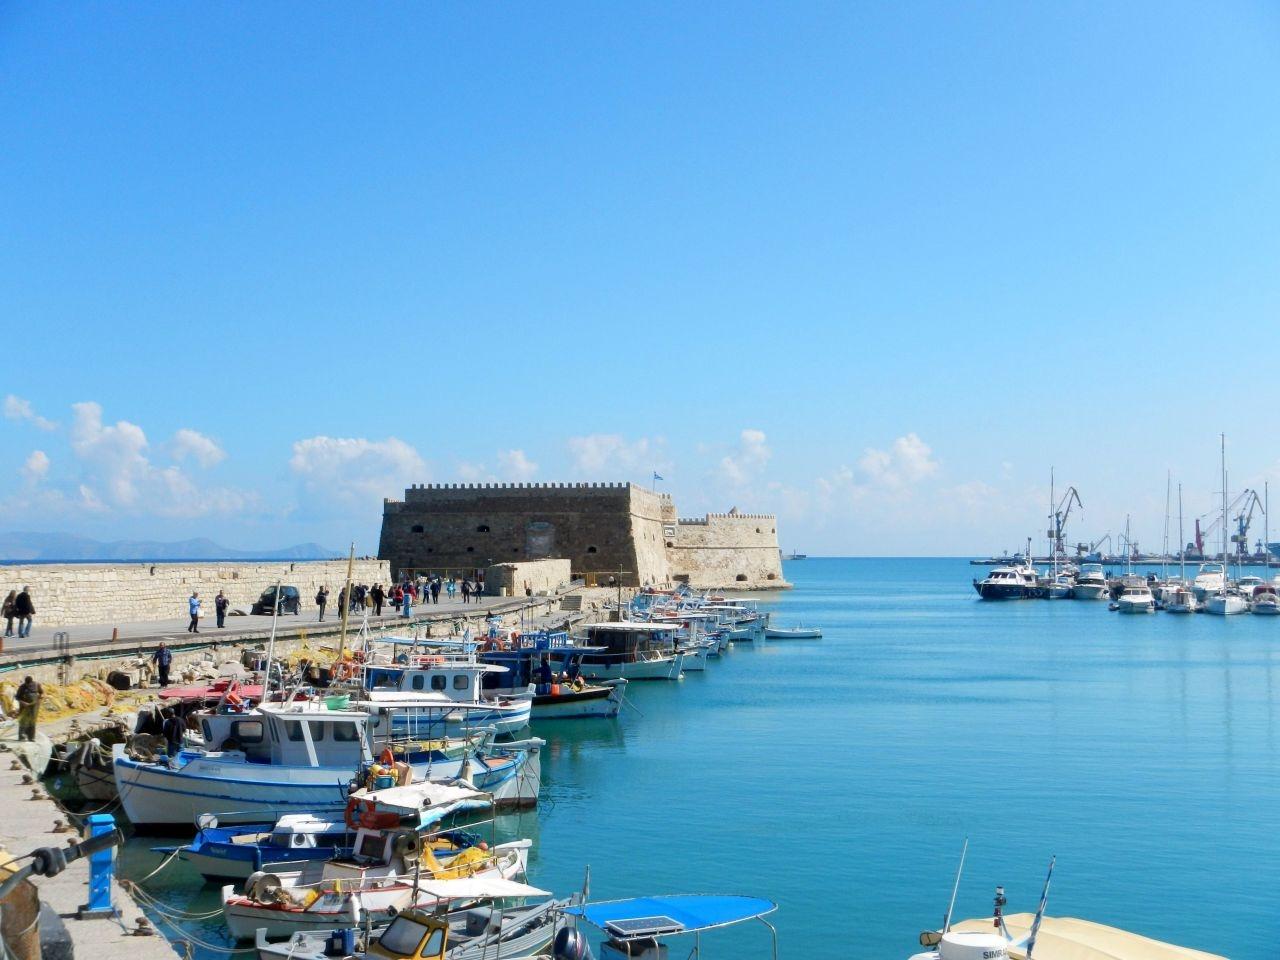 Giorno 5 - Creta (Heraklion) Grecia, Santorini Grecia